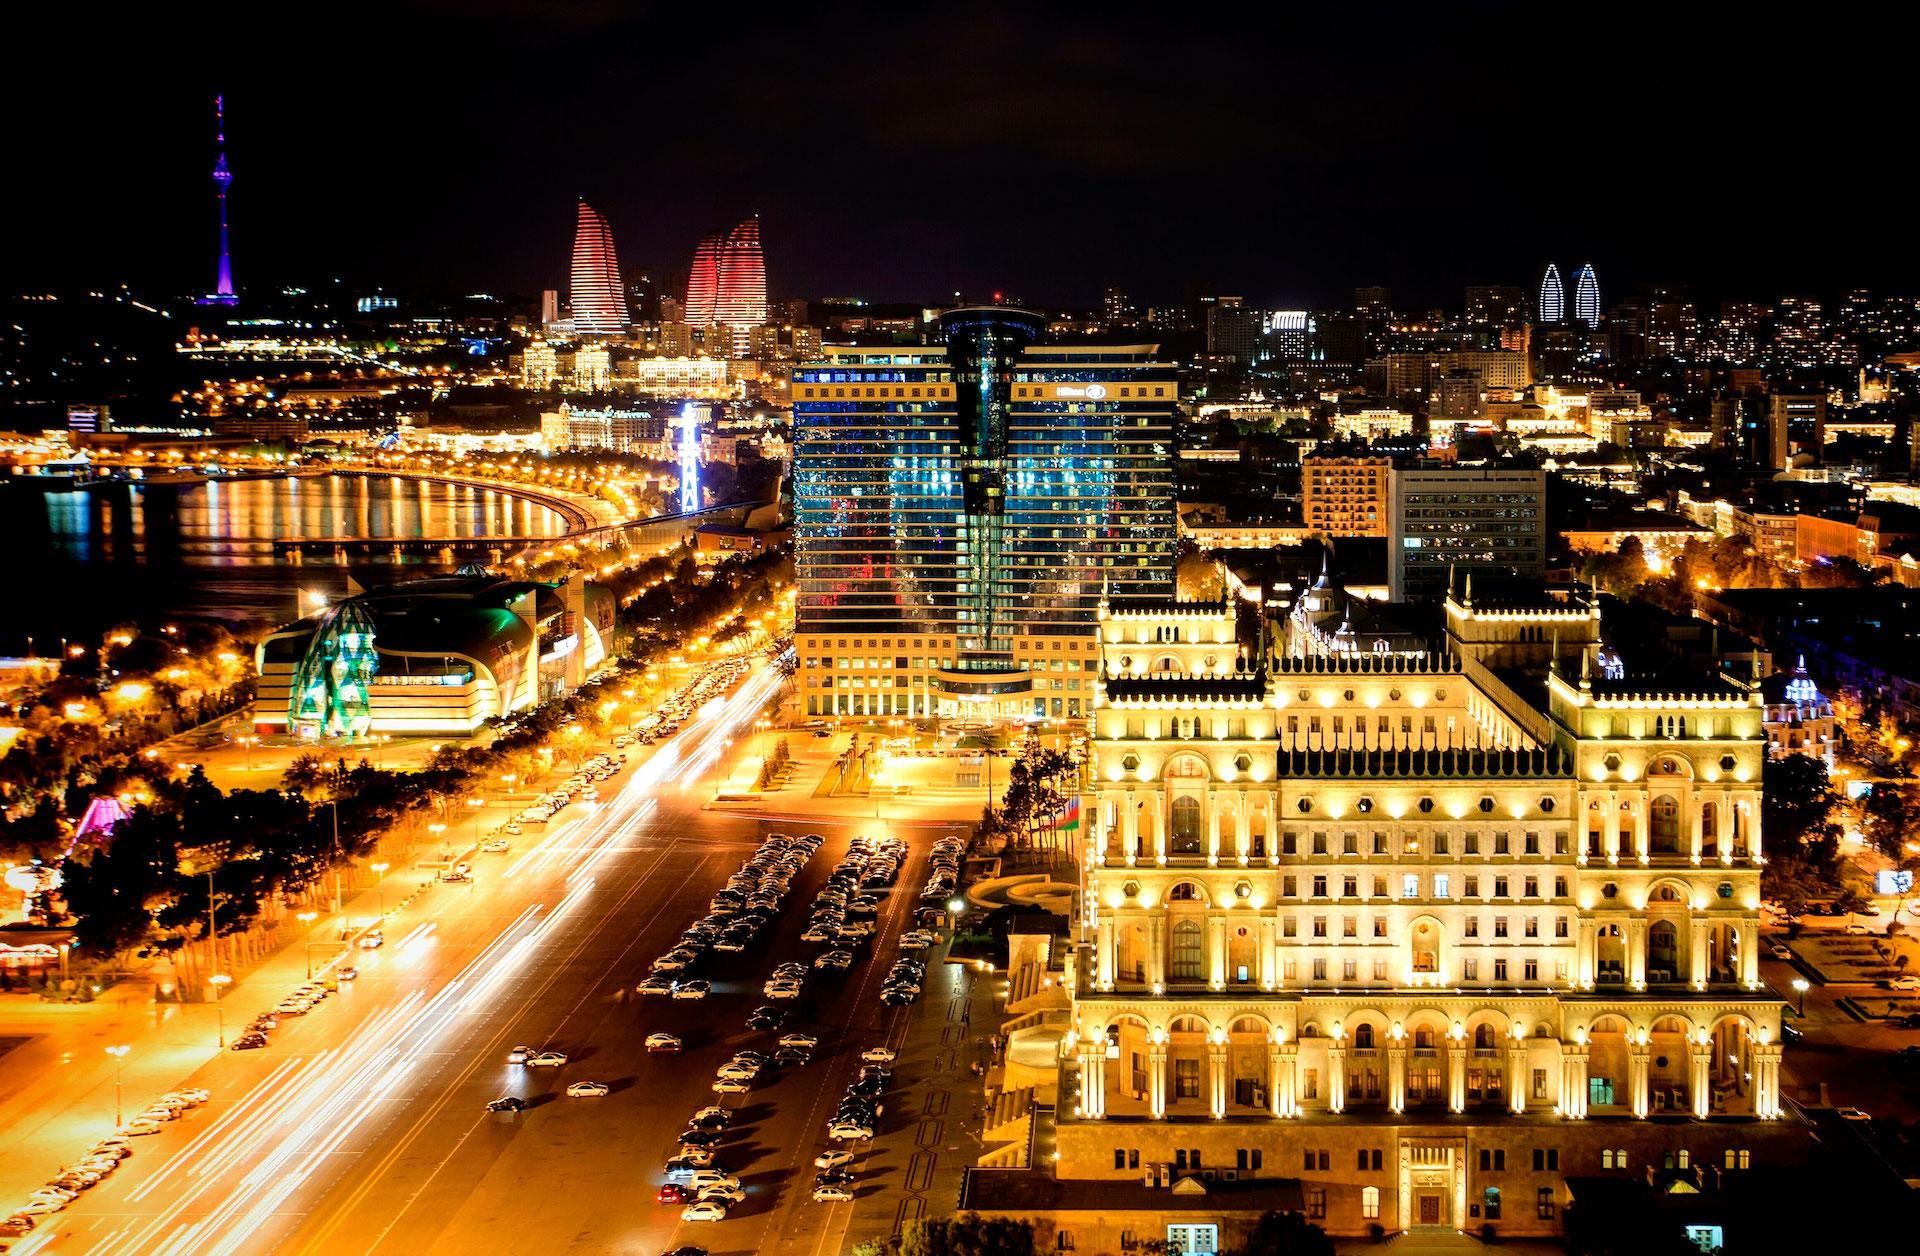 Baku Flame Towers in Azerbaijan Caucasus.jpg